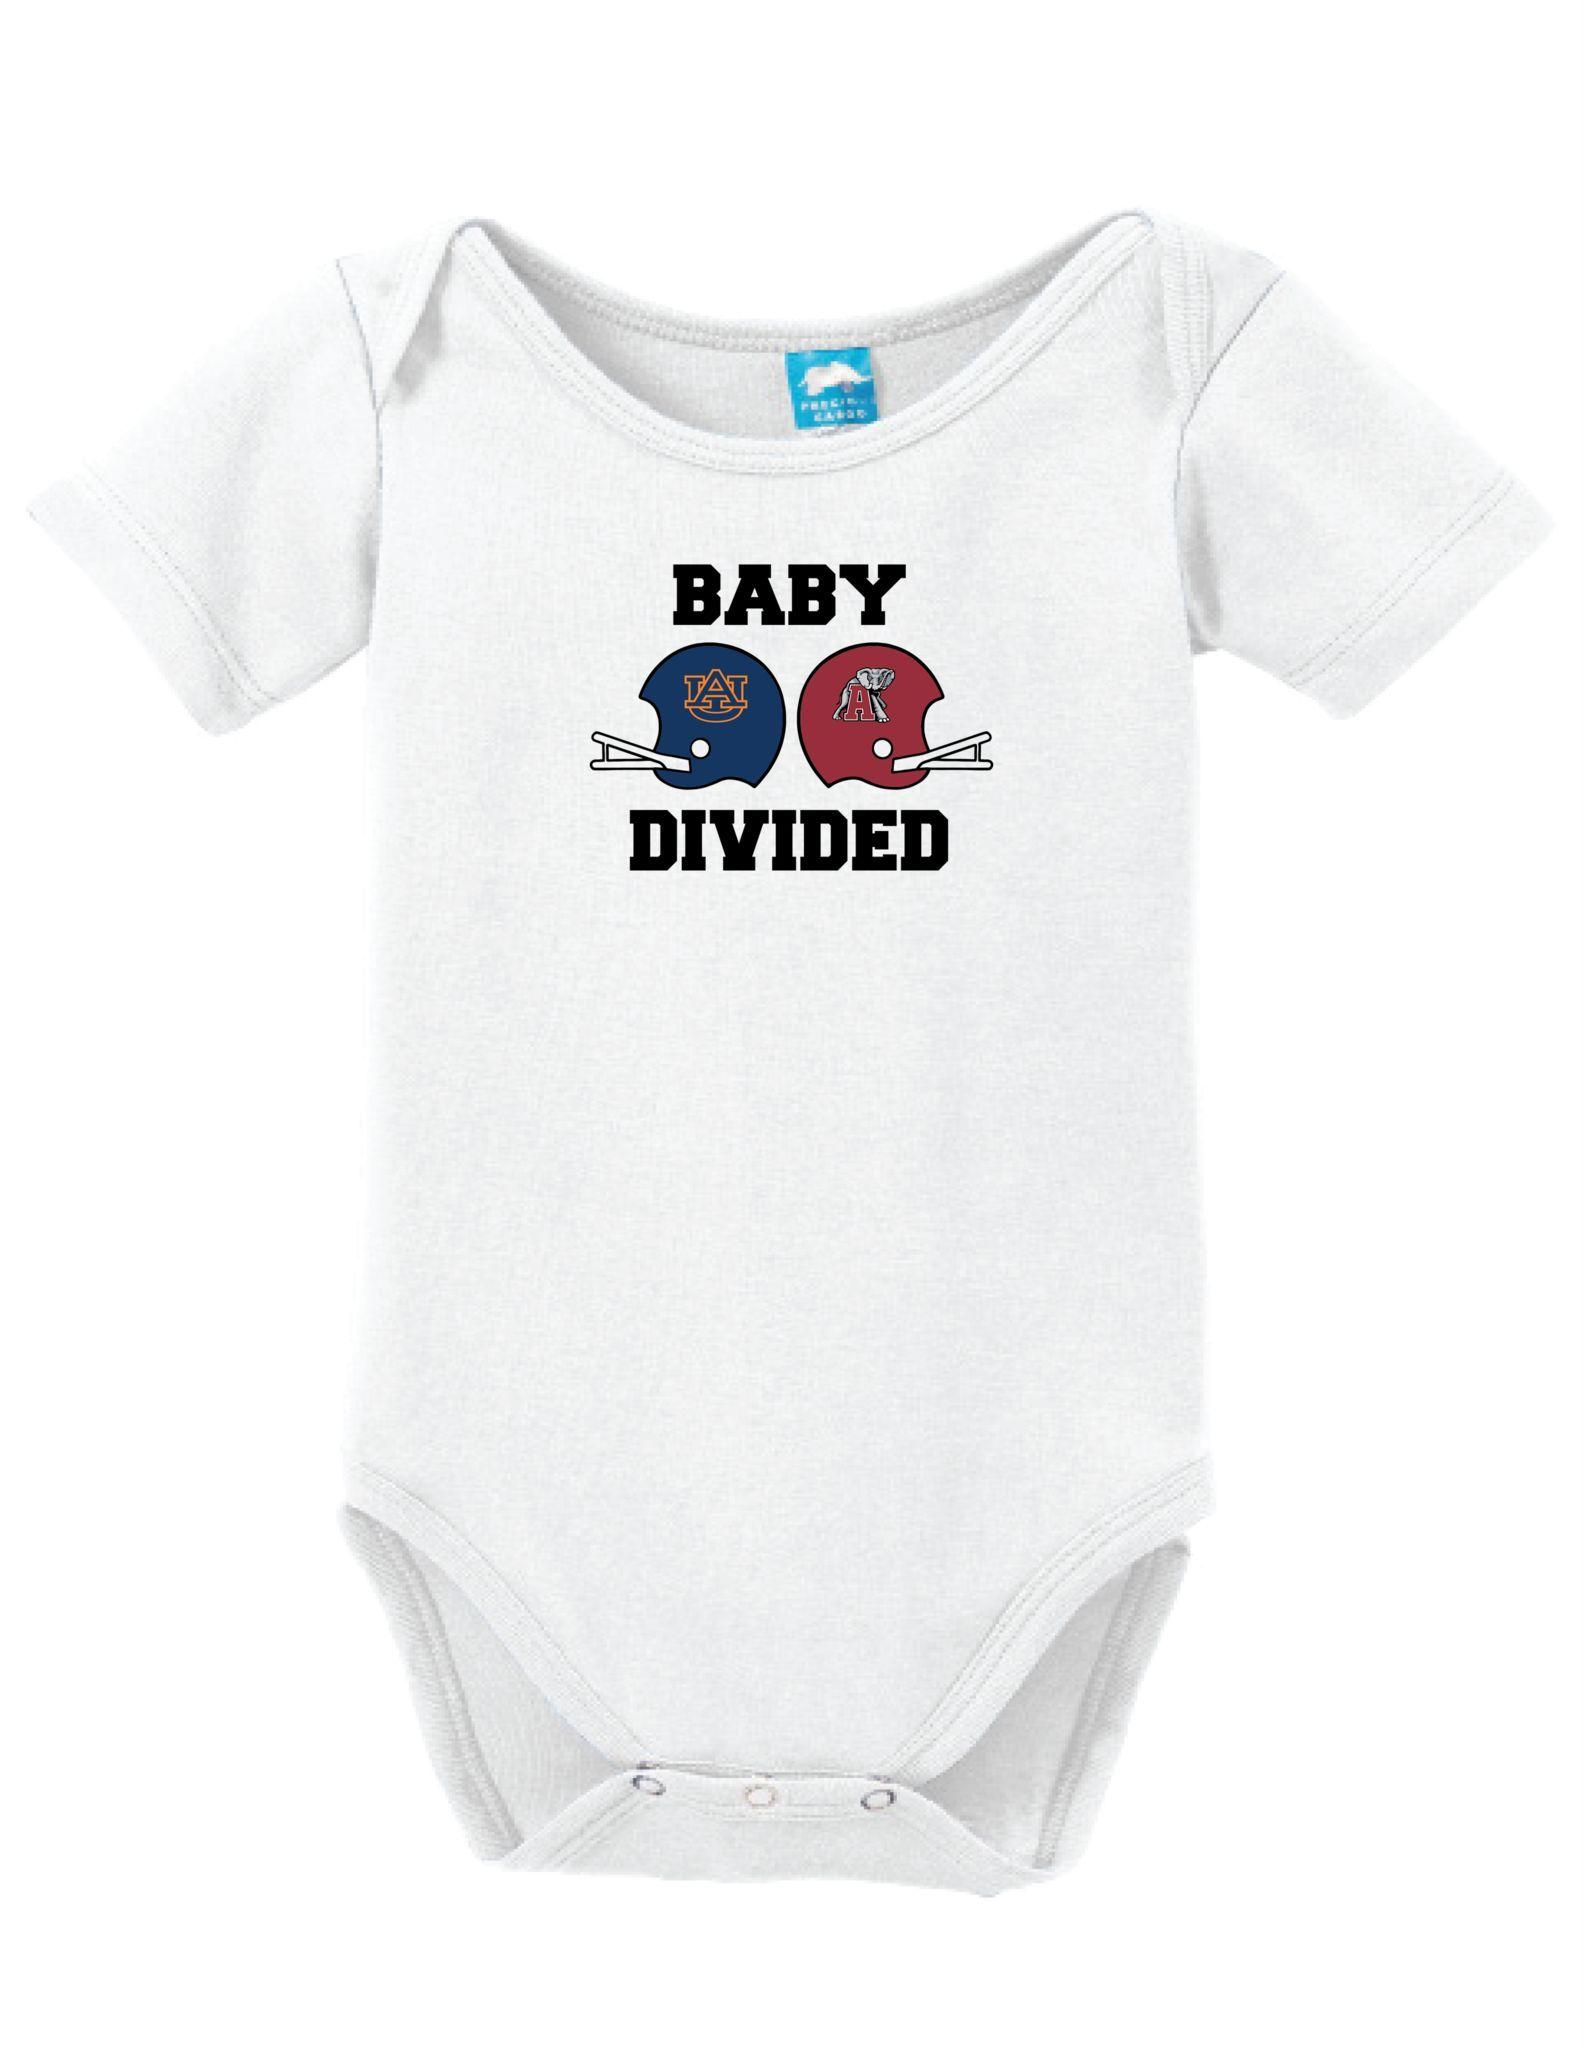 Auburn vs Alabama Baby Divided esie